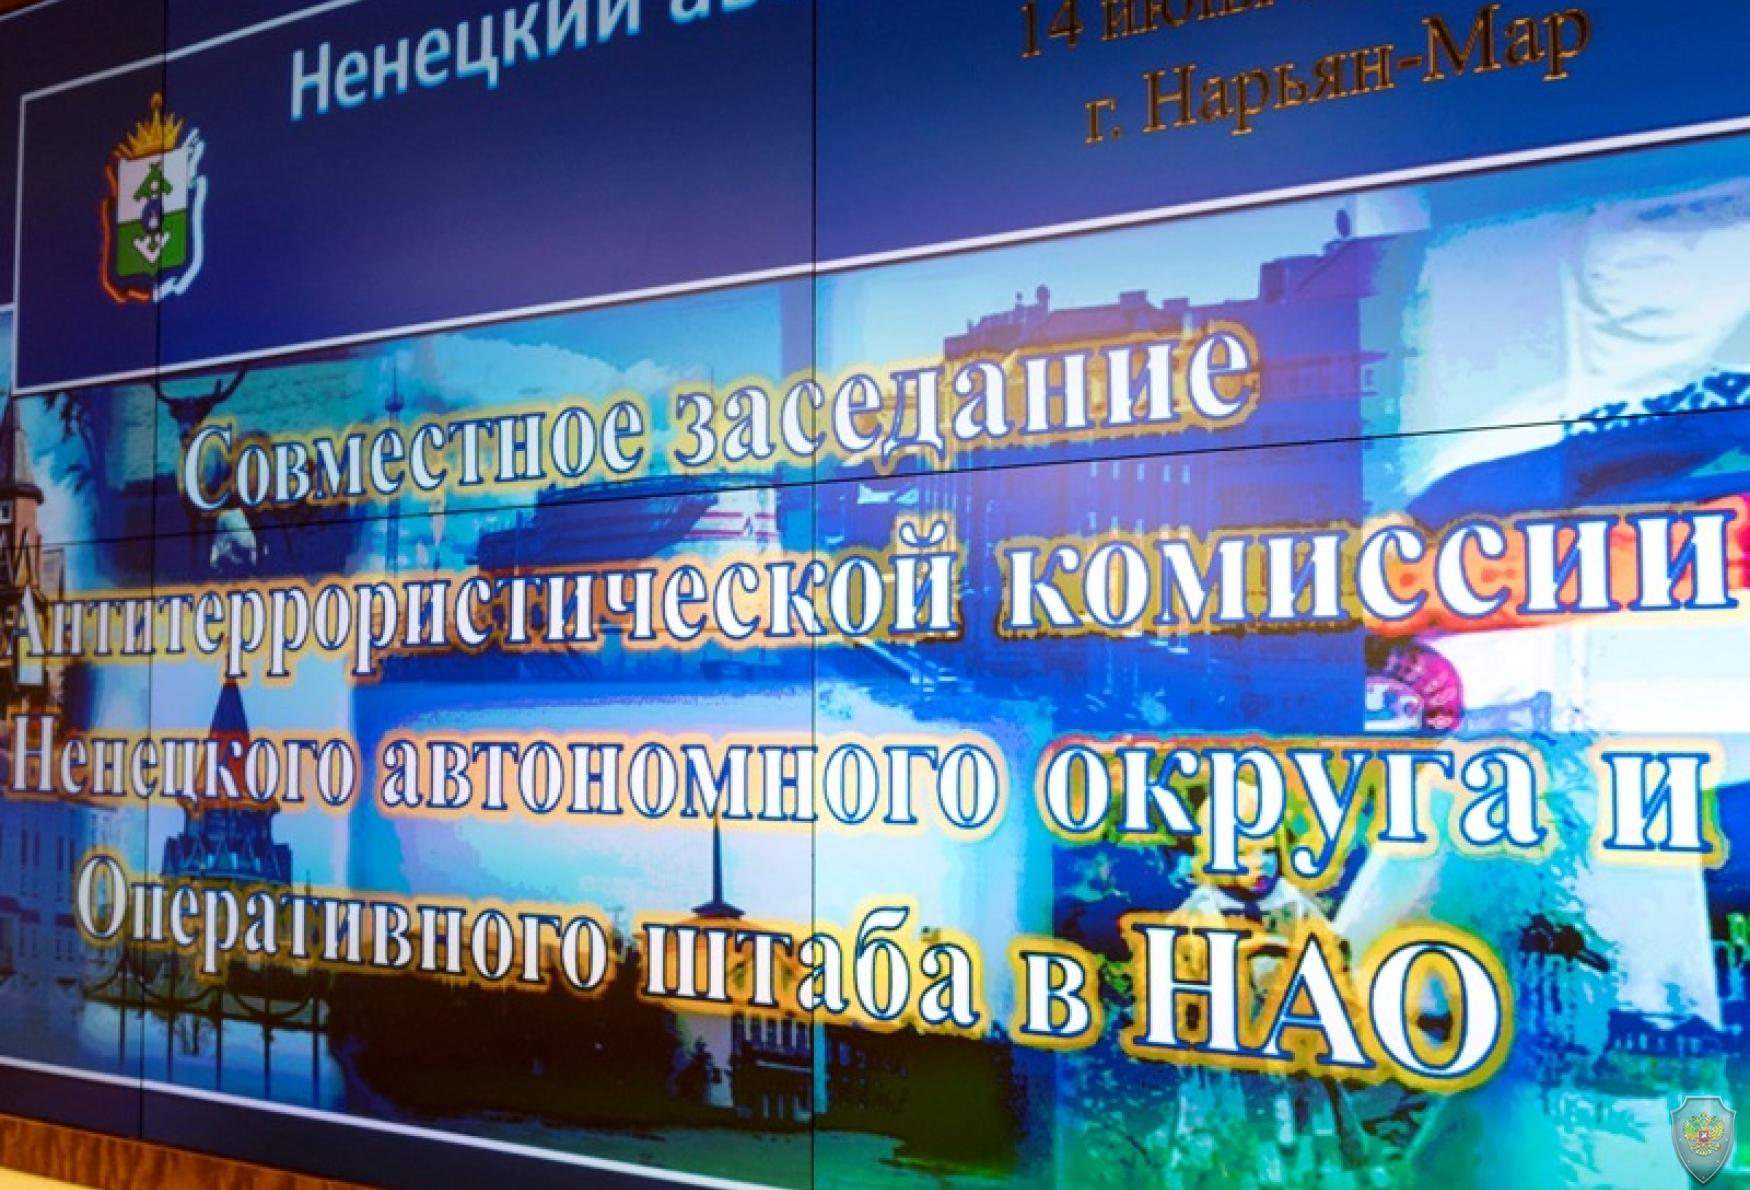 Открытие совместного заседания Антитеррористической комиссии Ненецкого автономного округа и Оперативного штаба в Ненецком автономном округе